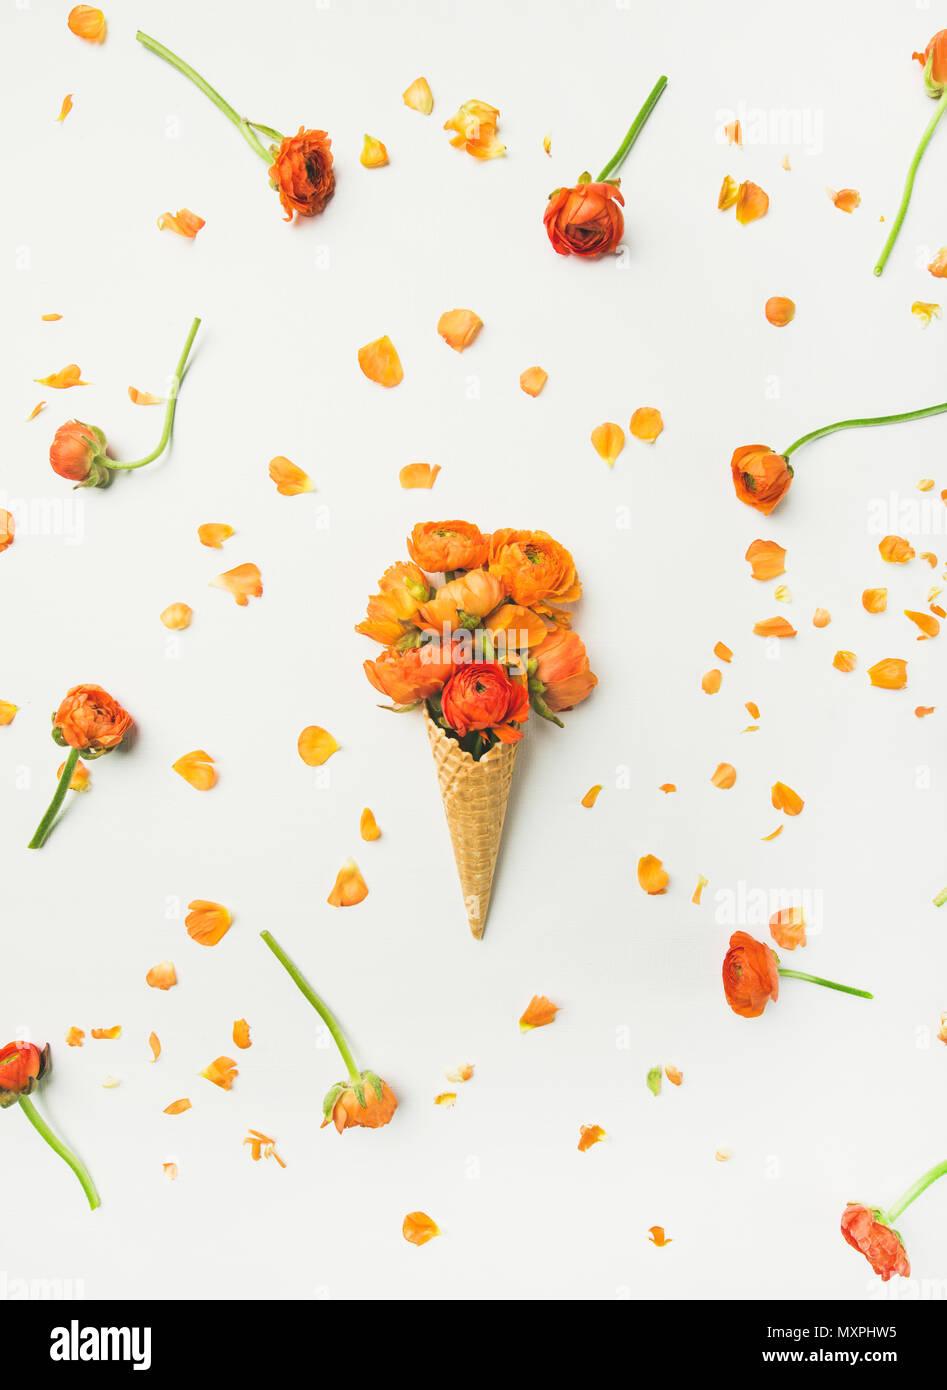 Cornet gaufré avec fleurs renoncule orange sur fond blanc Photo Stock